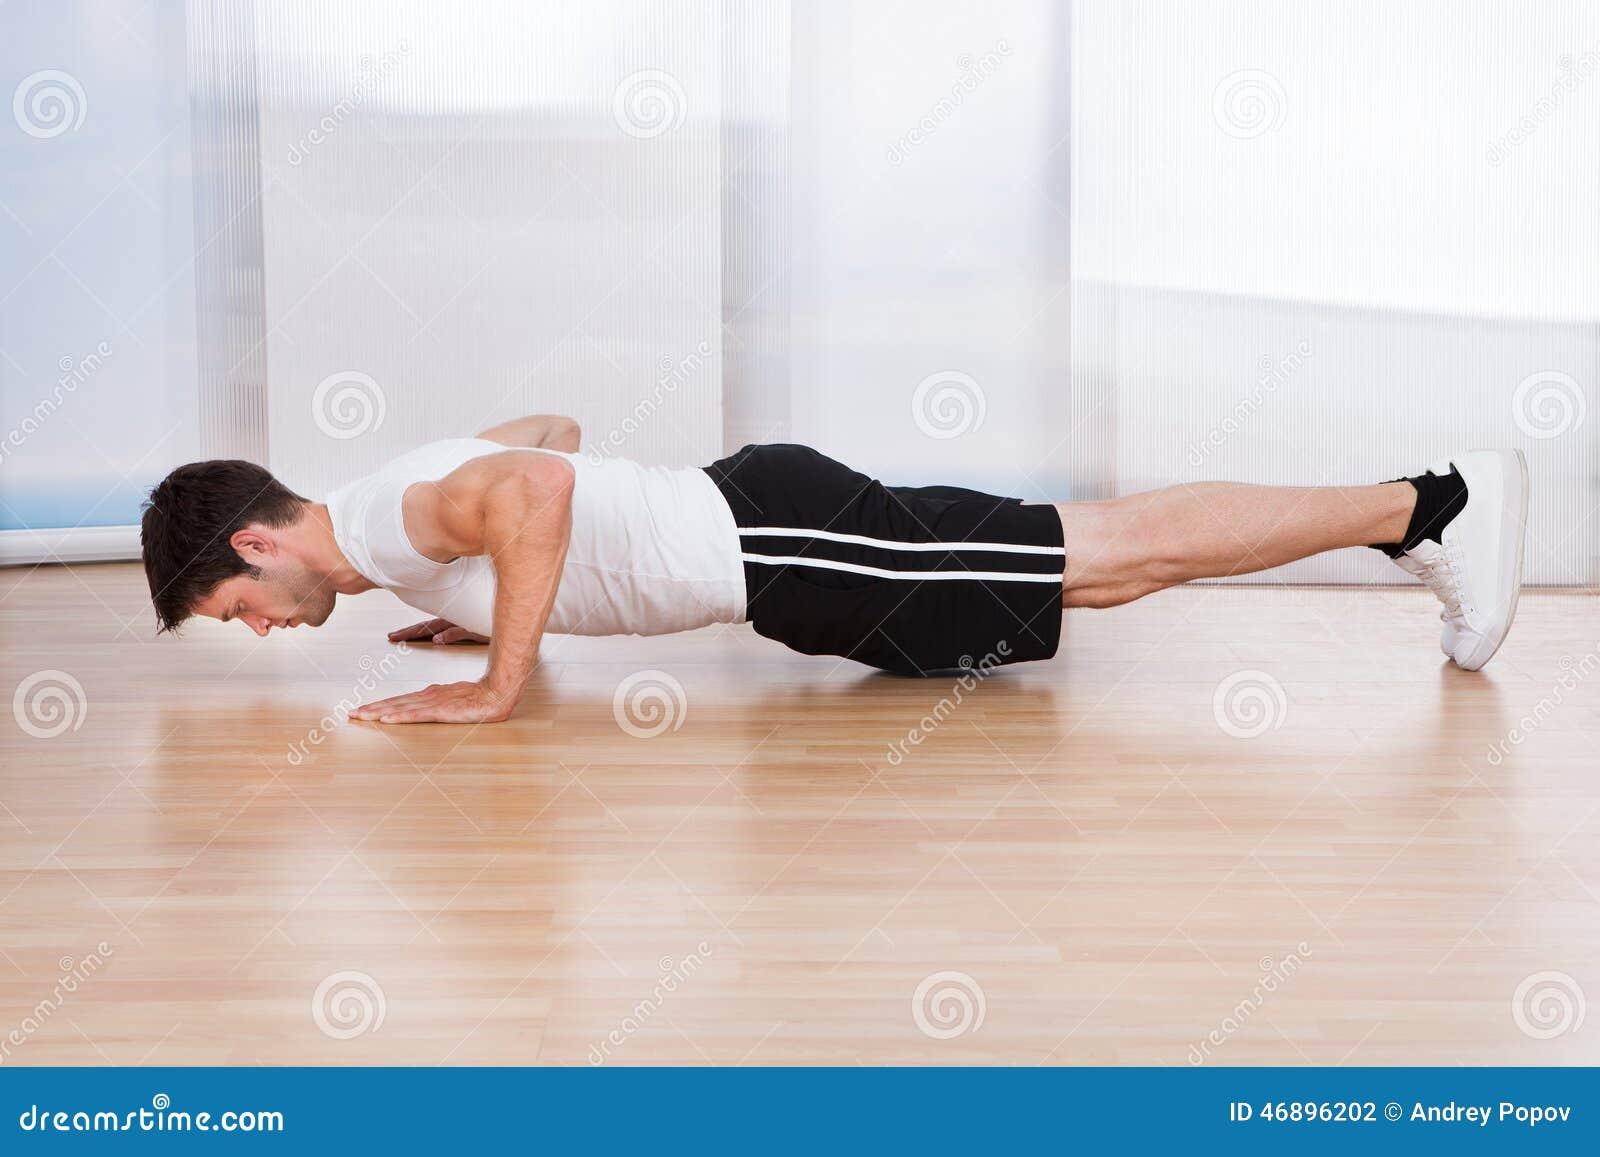 treadmill on hardwood floor - wood floors